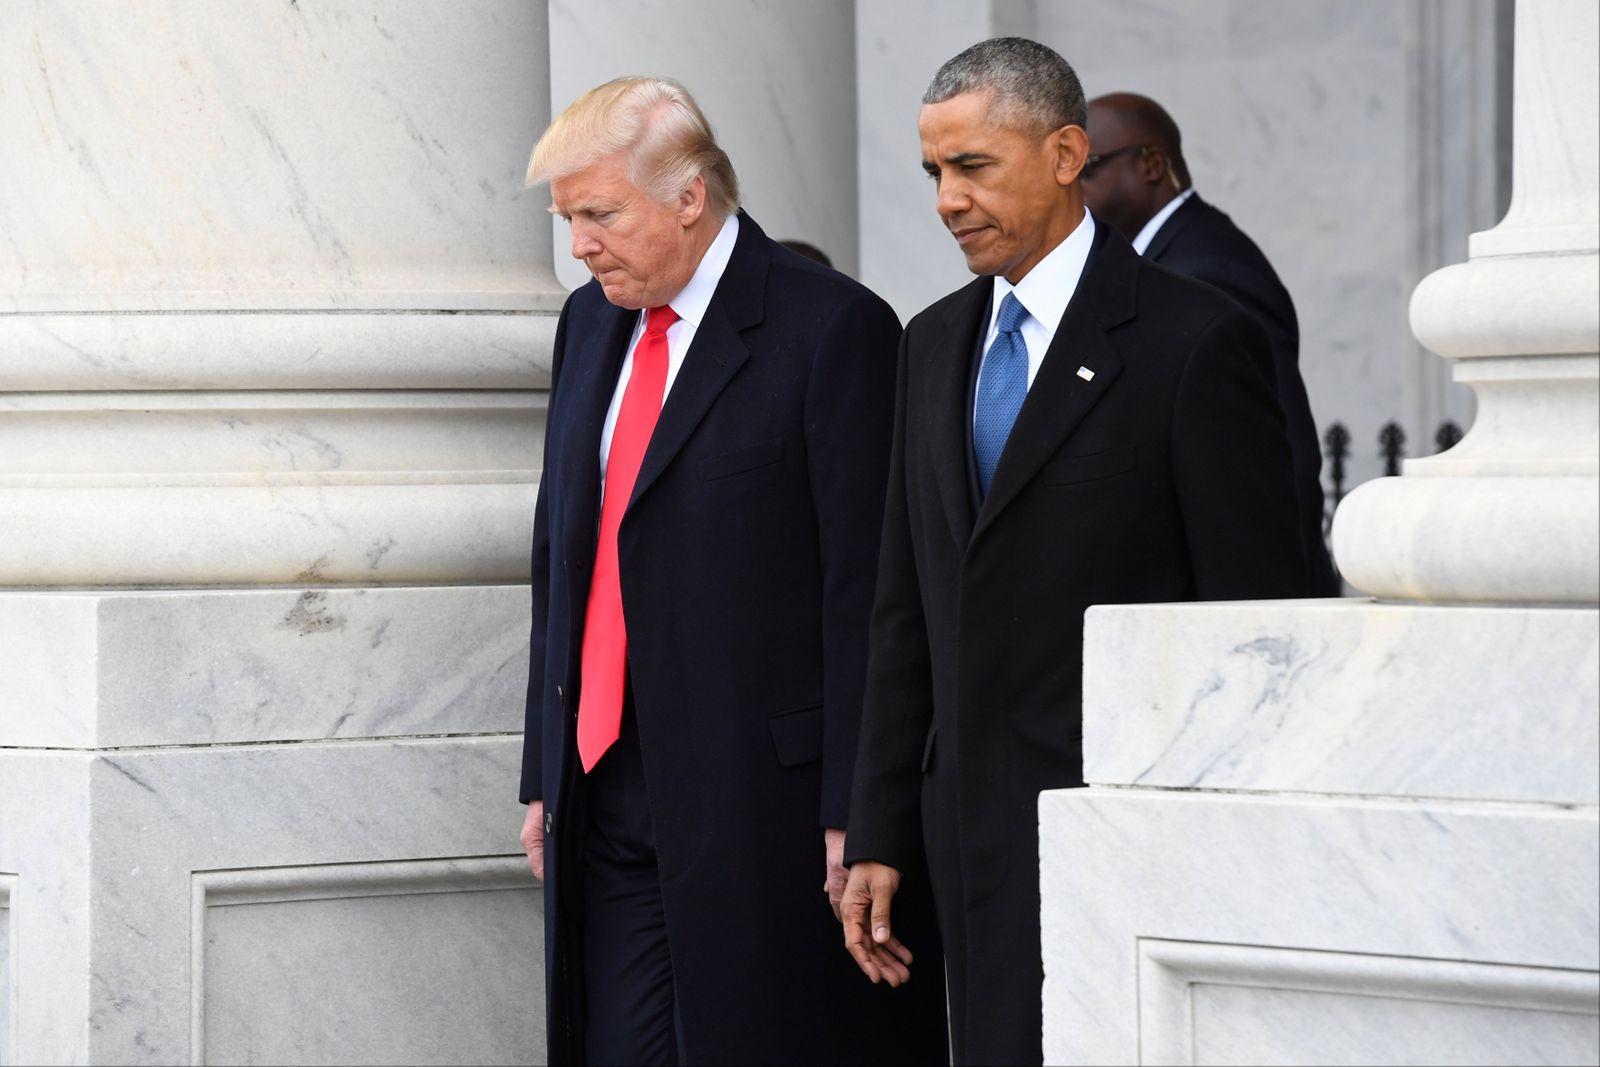 Trump/ Obama